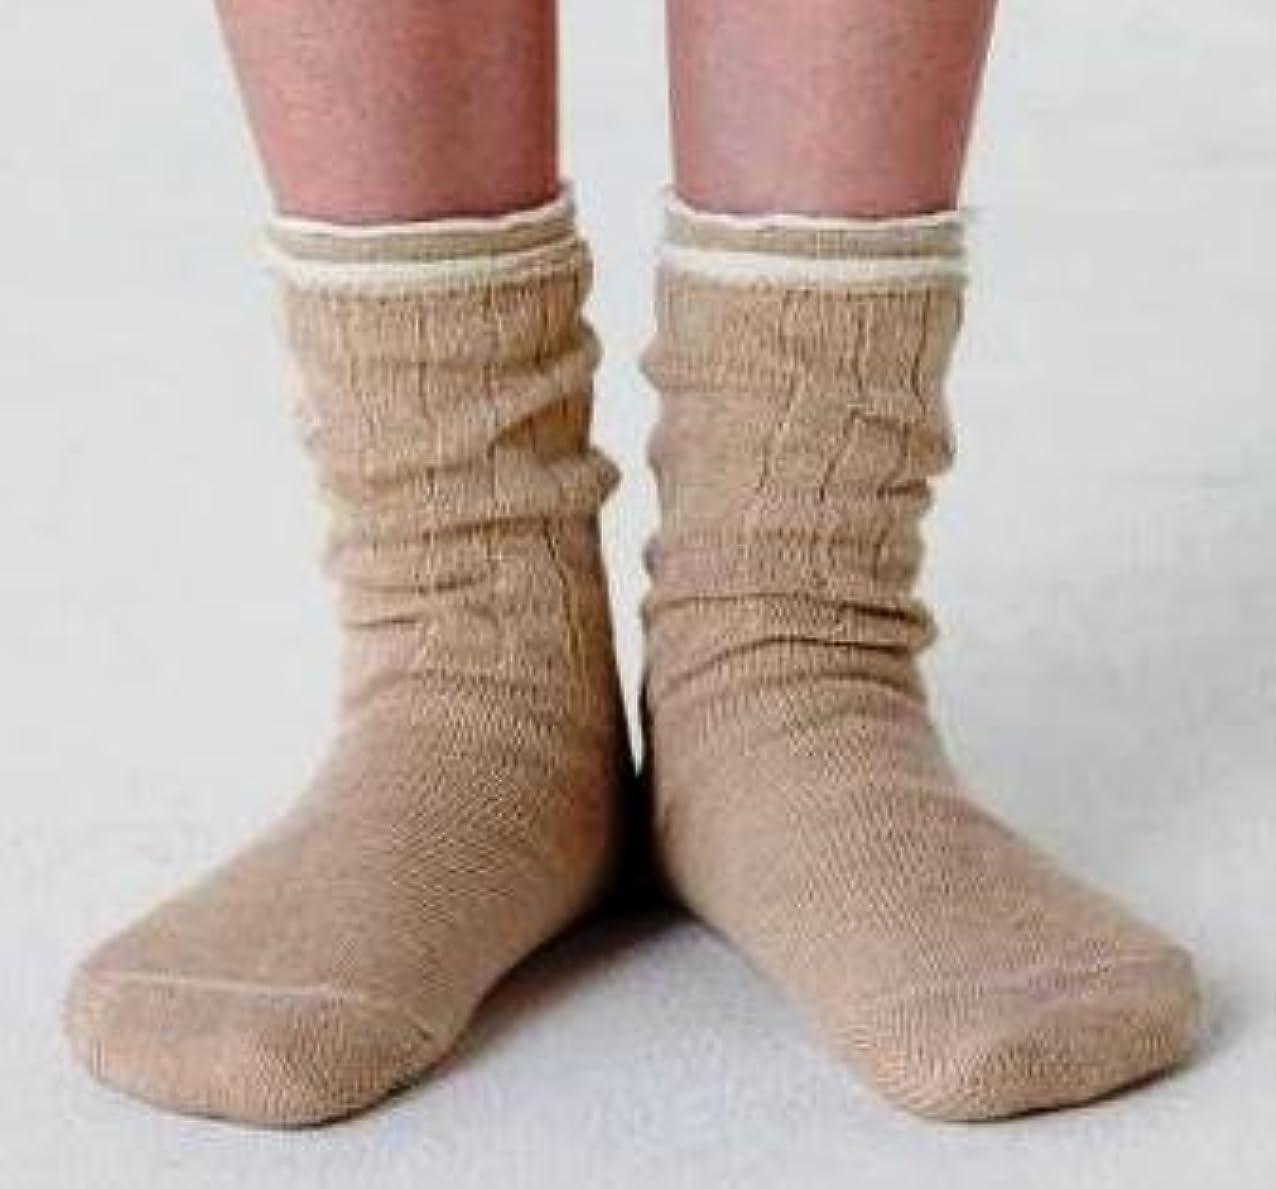 顎ウガンダ努力する冷え取り靴下 4枚重ね履きソックス(絹?綿?絹?綿) Lサイズ:25~27cm